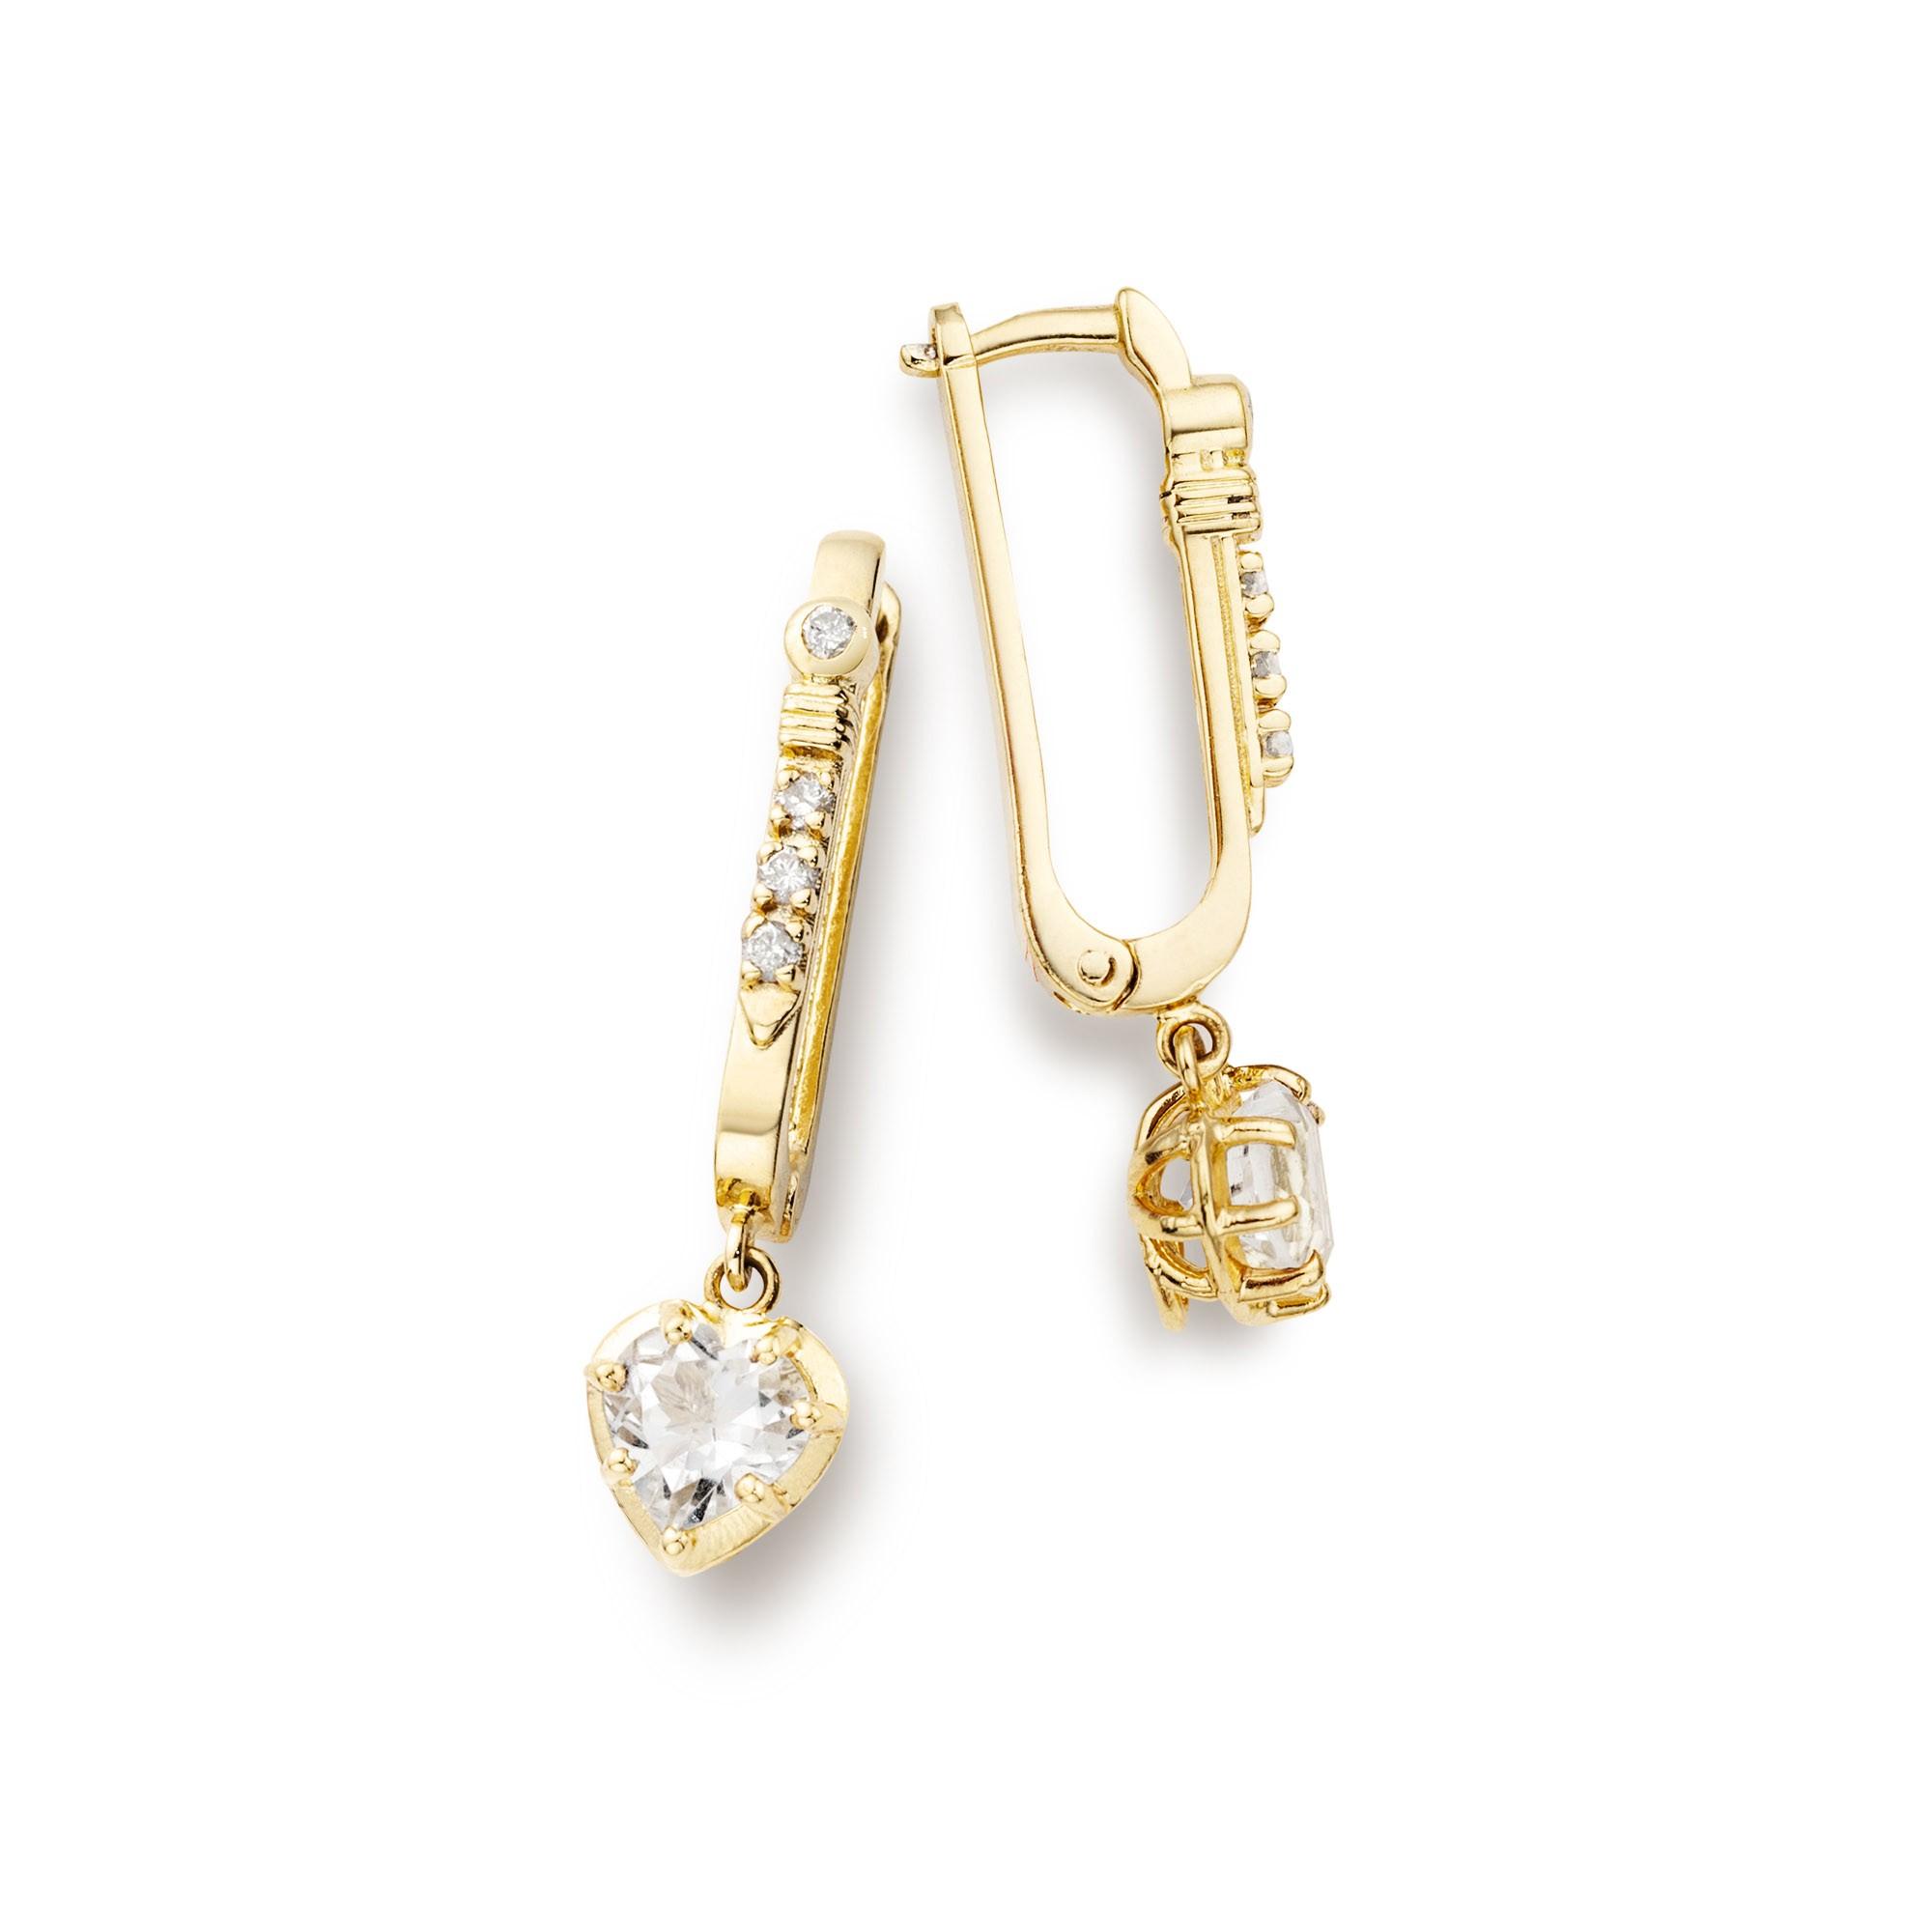 Brinco em Prata com Banho de Ouro 18K, Diamante e Quartzo - Crush Collection